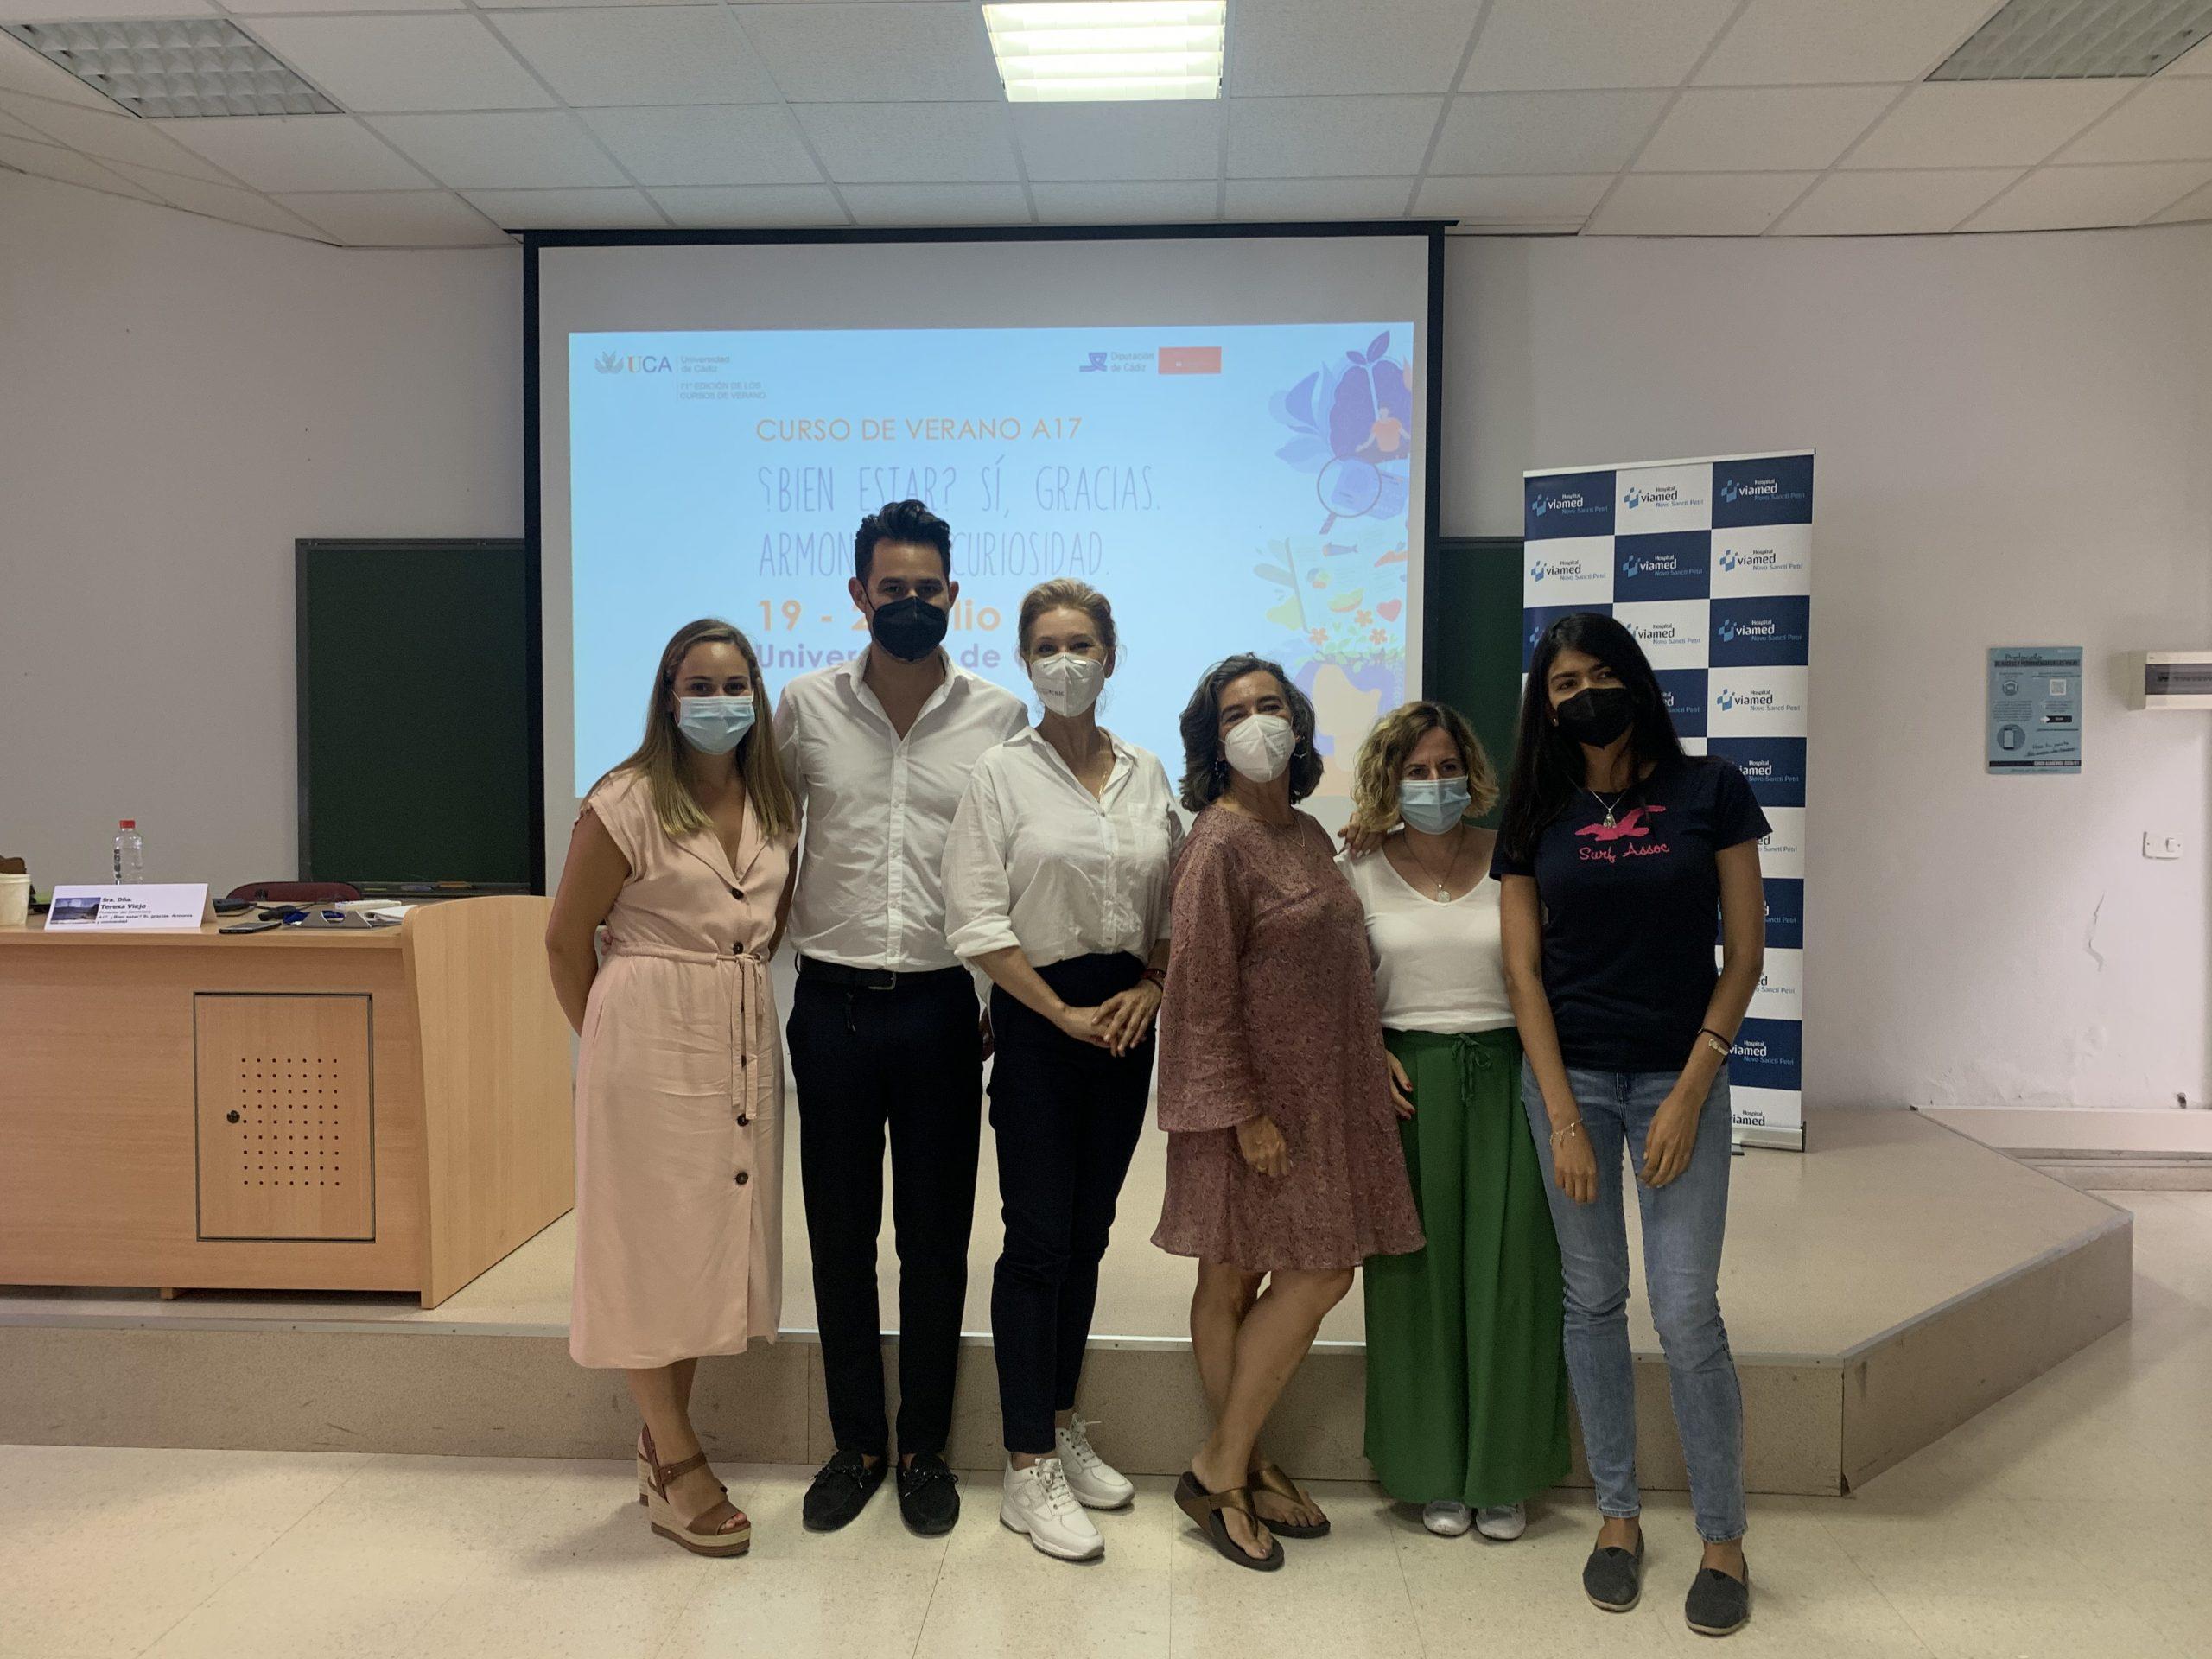 Celebrado el Curso de Verano de la Universidad de Cádiz (UCA) patrocinado por Viamed